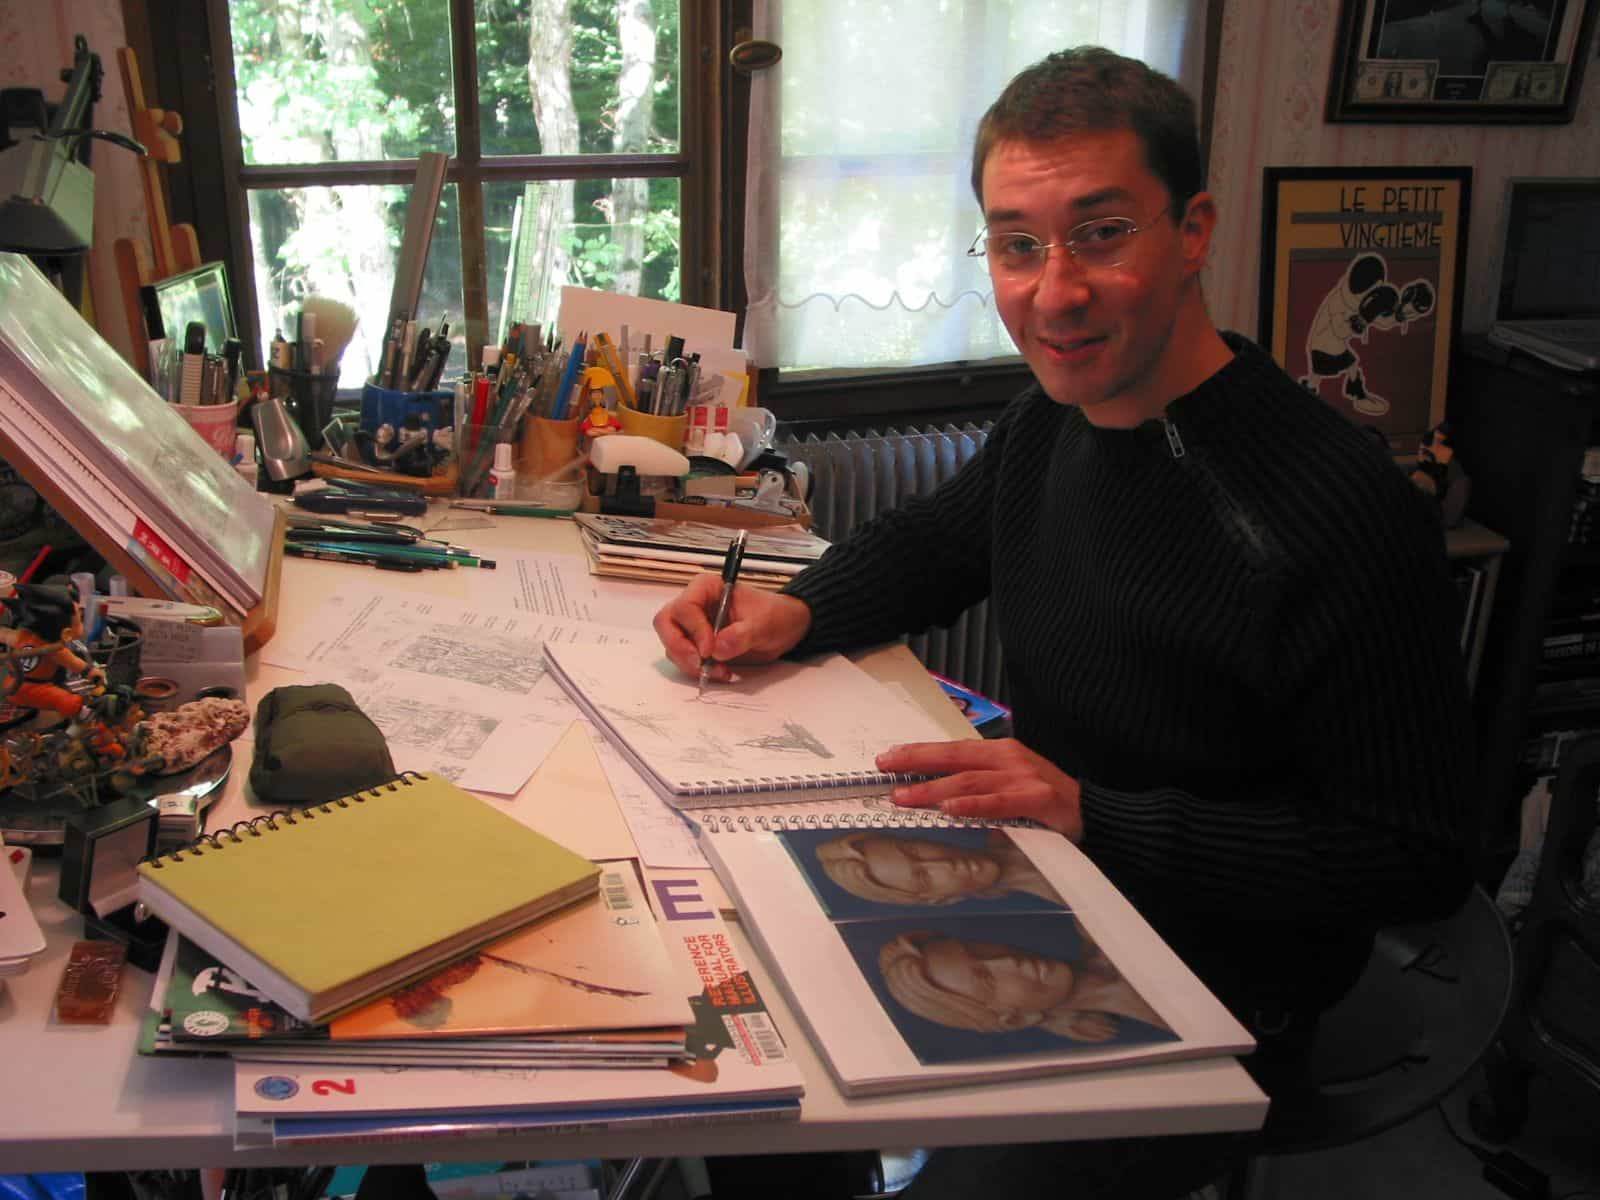 Nicolas Malfin, le succès au bout du crayon